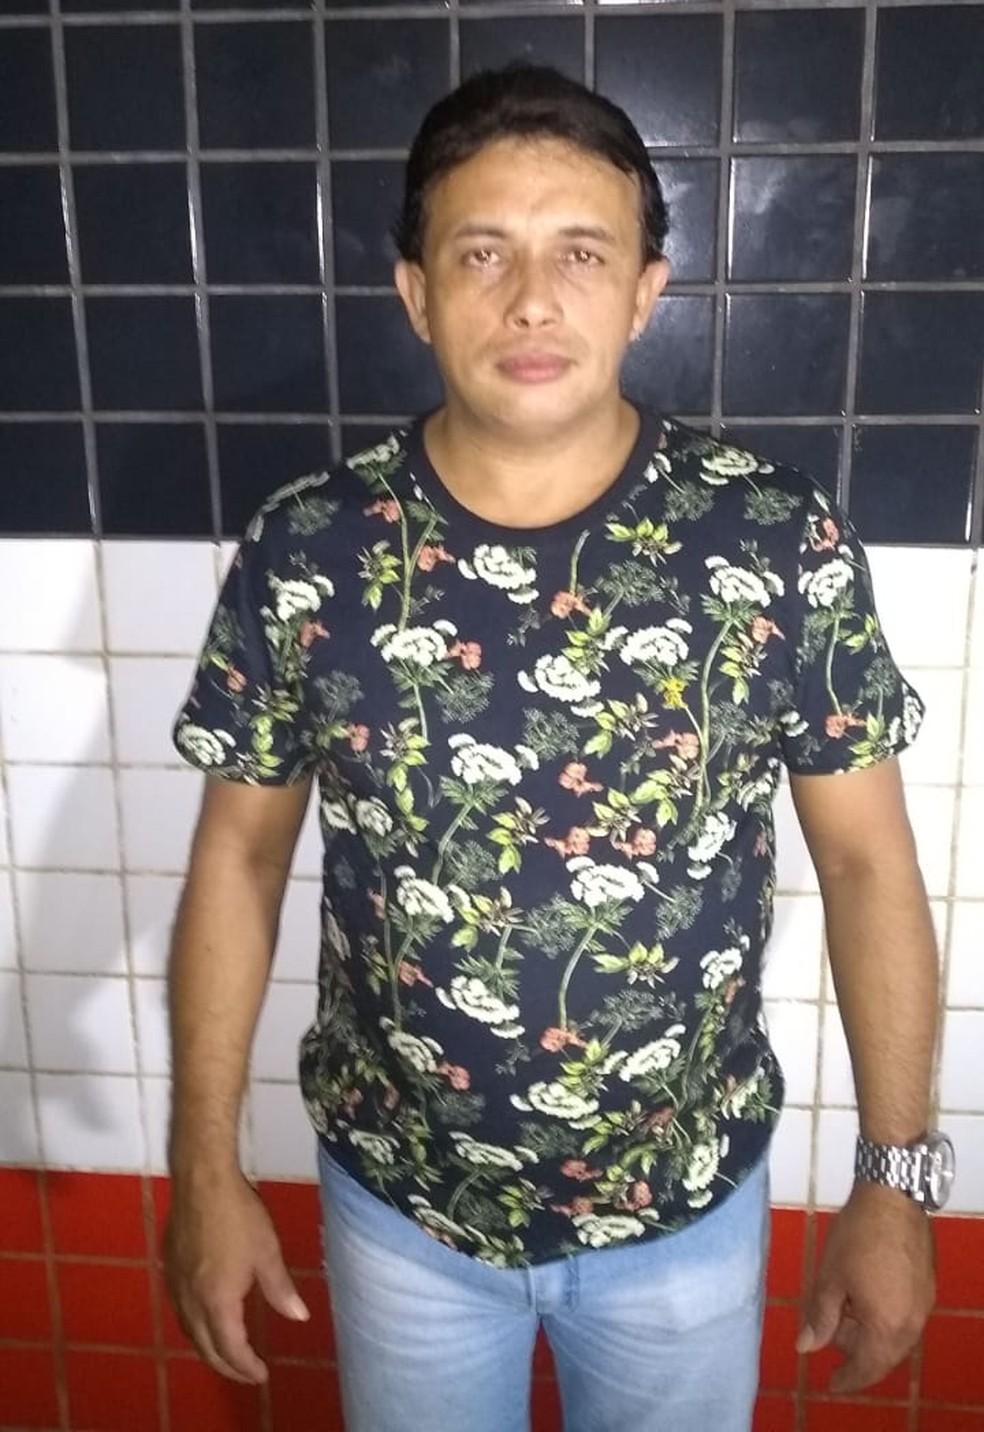 Paulynho Paixão foi preso em um hotel em Bacabal após denúncia de agressão por parte de sua esposa — Foto: Divulgação/Polícia Militar